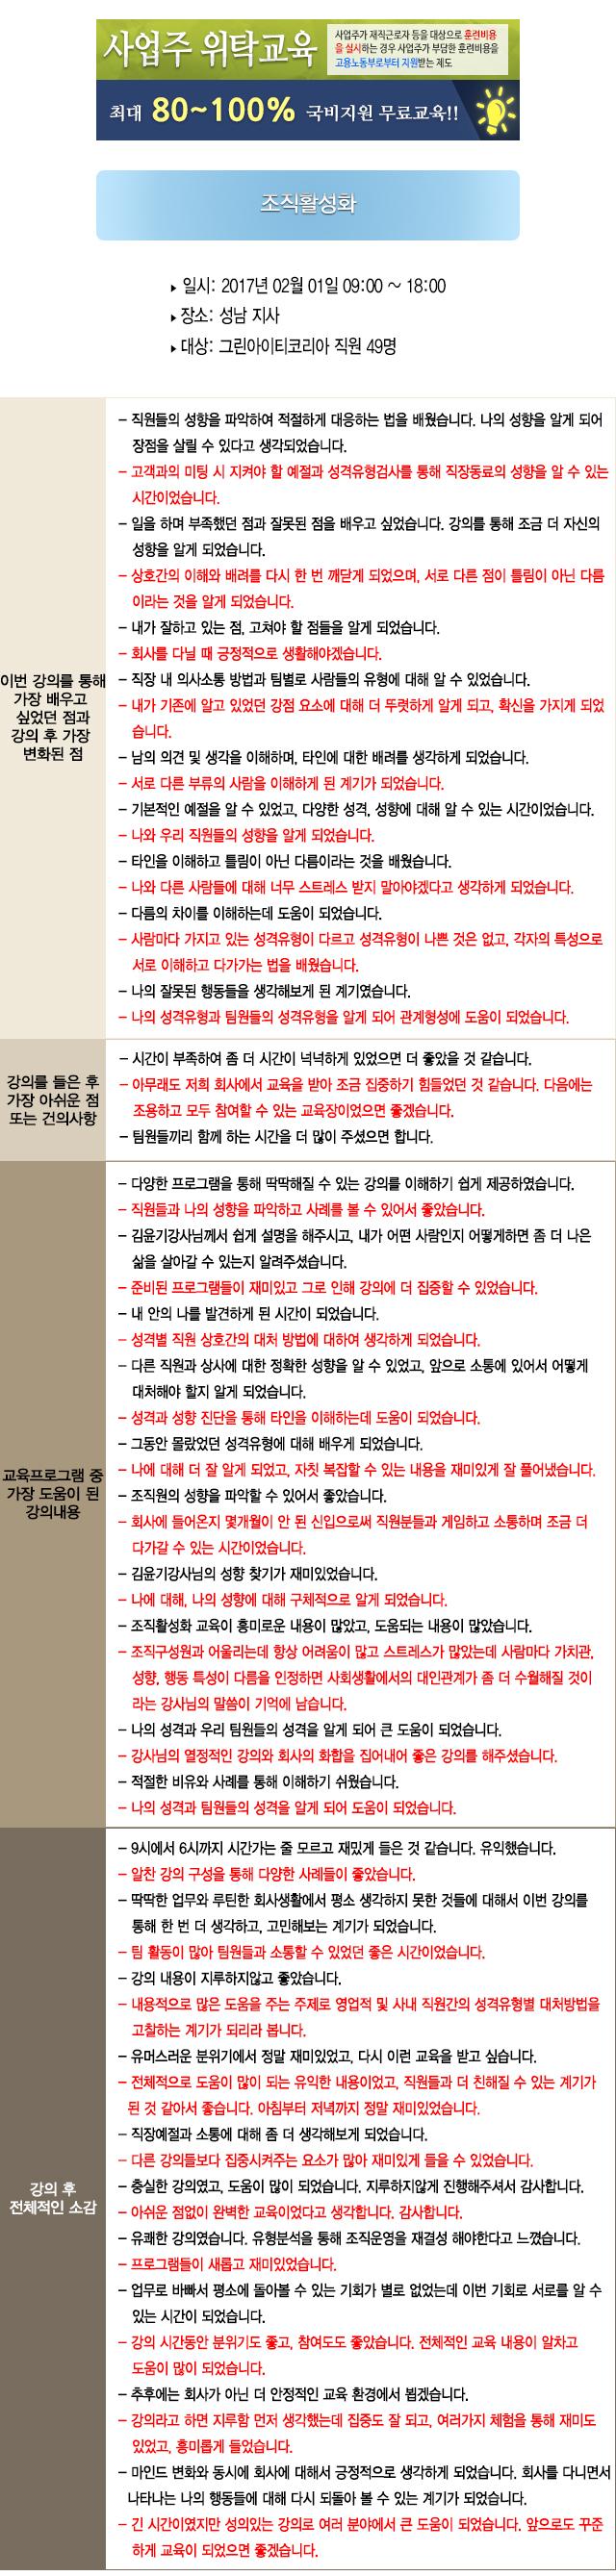 한국중앙인재개발원 후기 그린아이티코리아.jpg